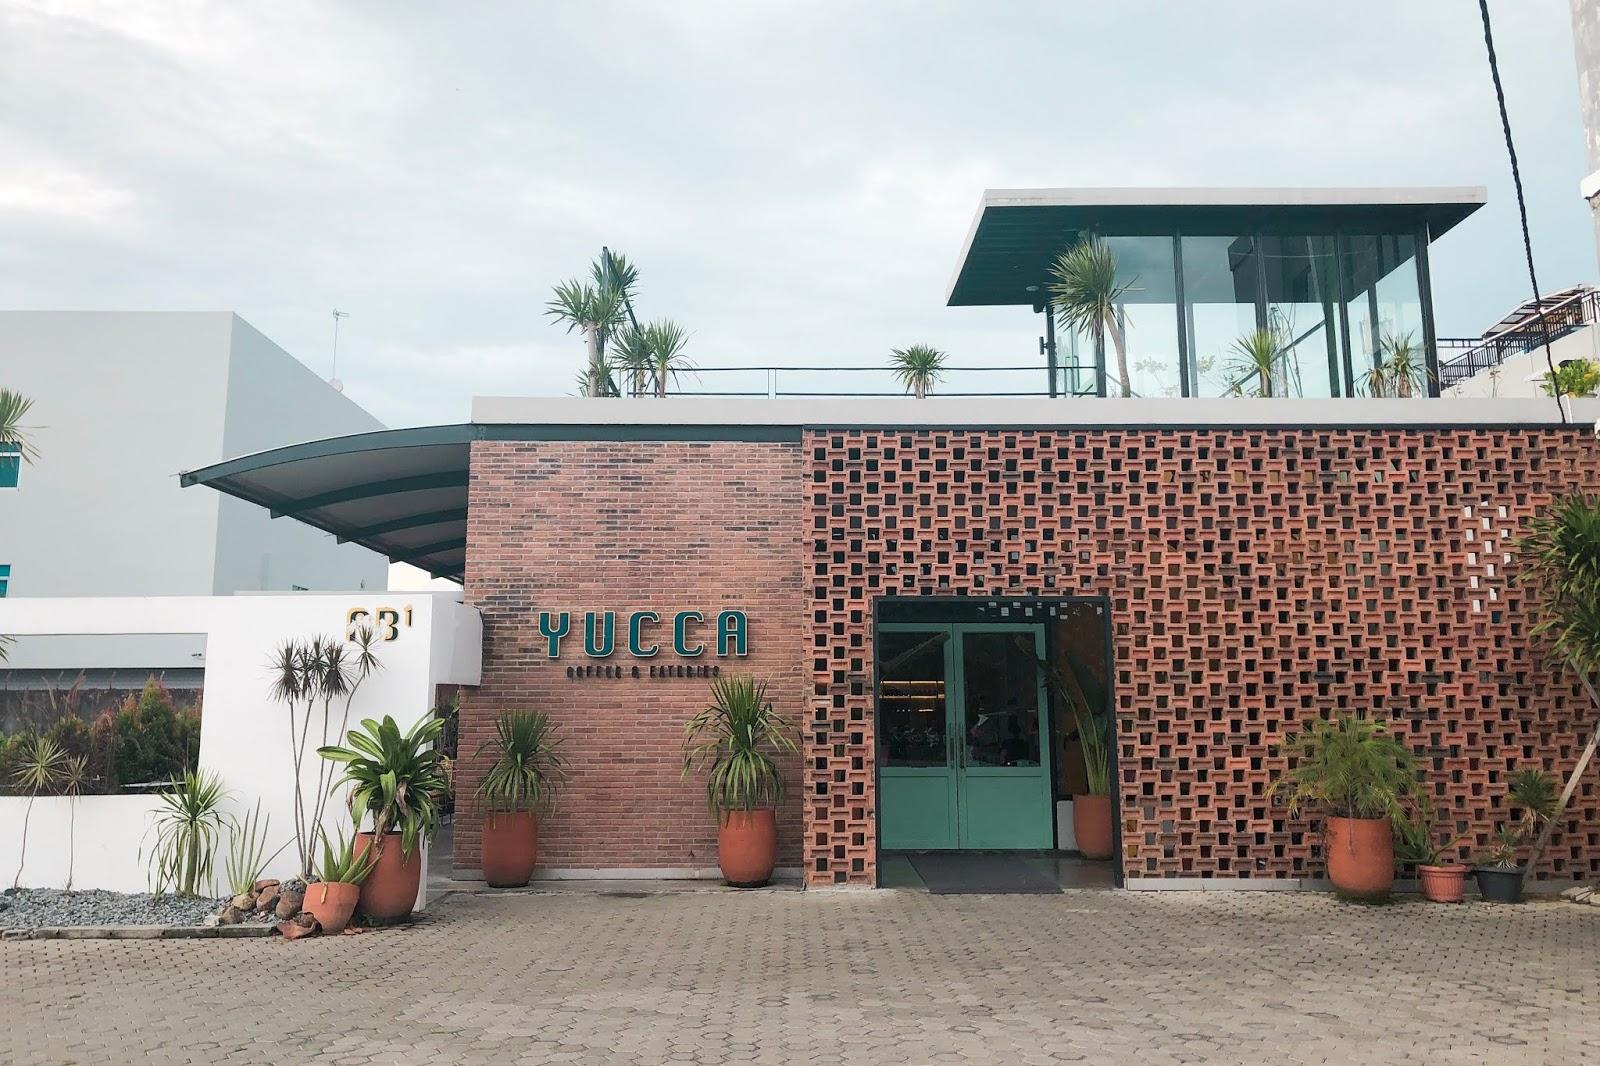 Cafe Yucca Pontianak | www.bigdreamerblog.com